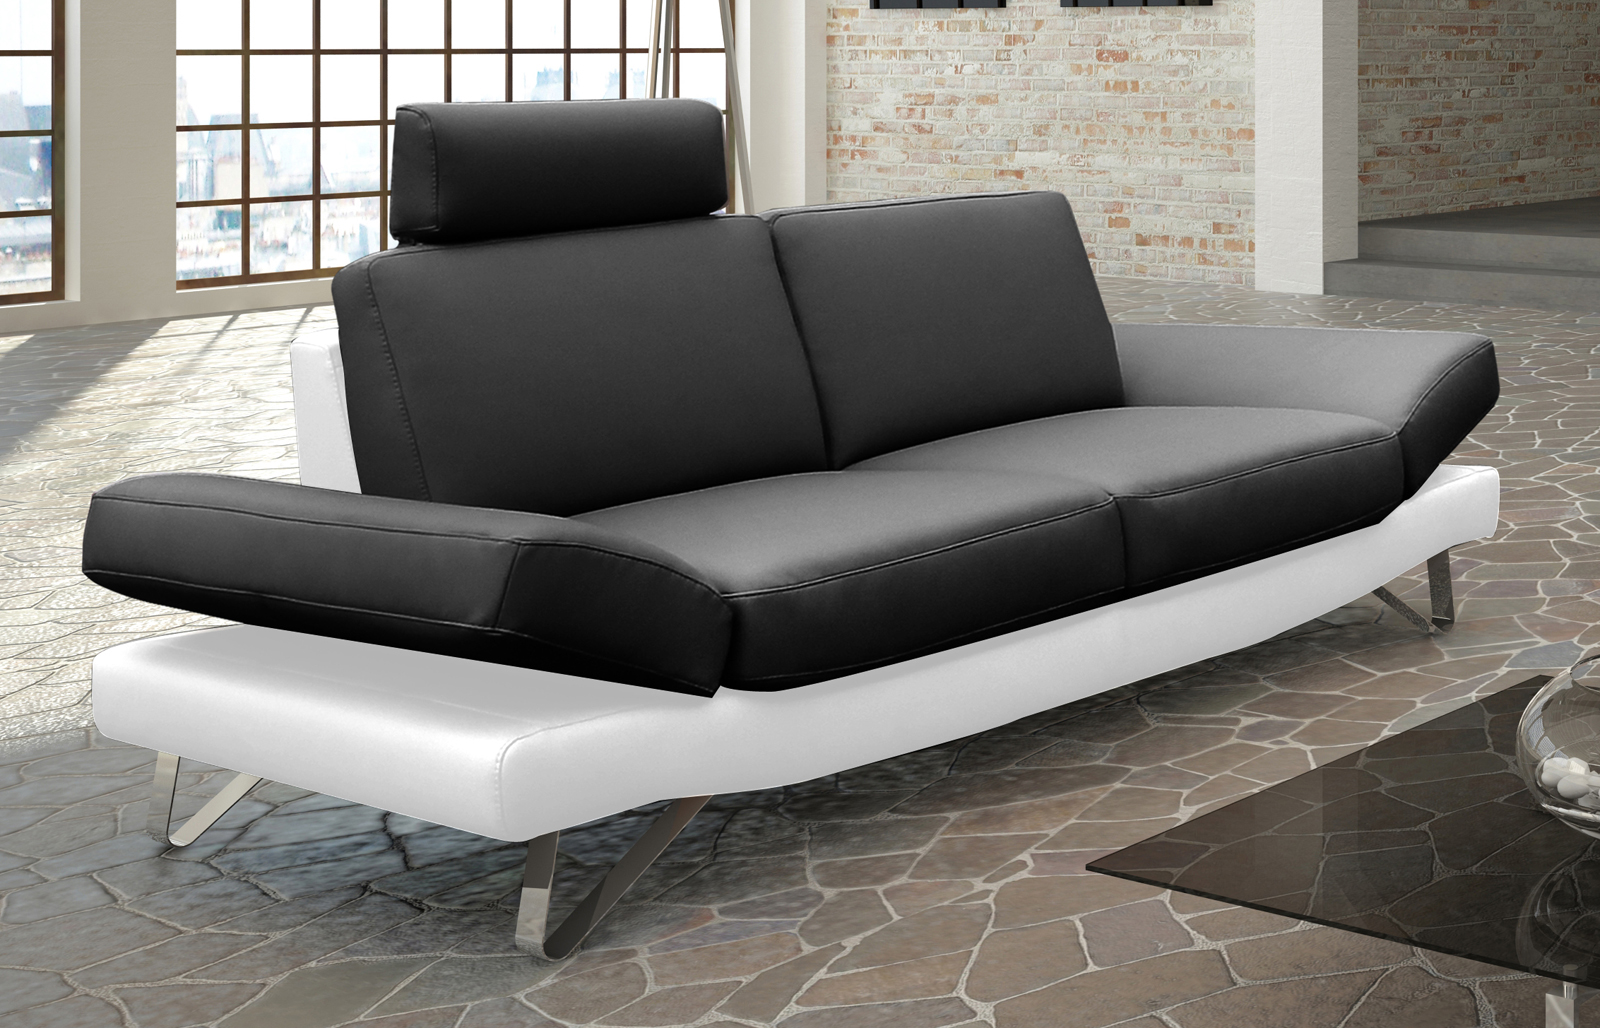 SALE Design Sofa Garnitur 2 & 3 Sitzer schwarz weiß CLASSIC